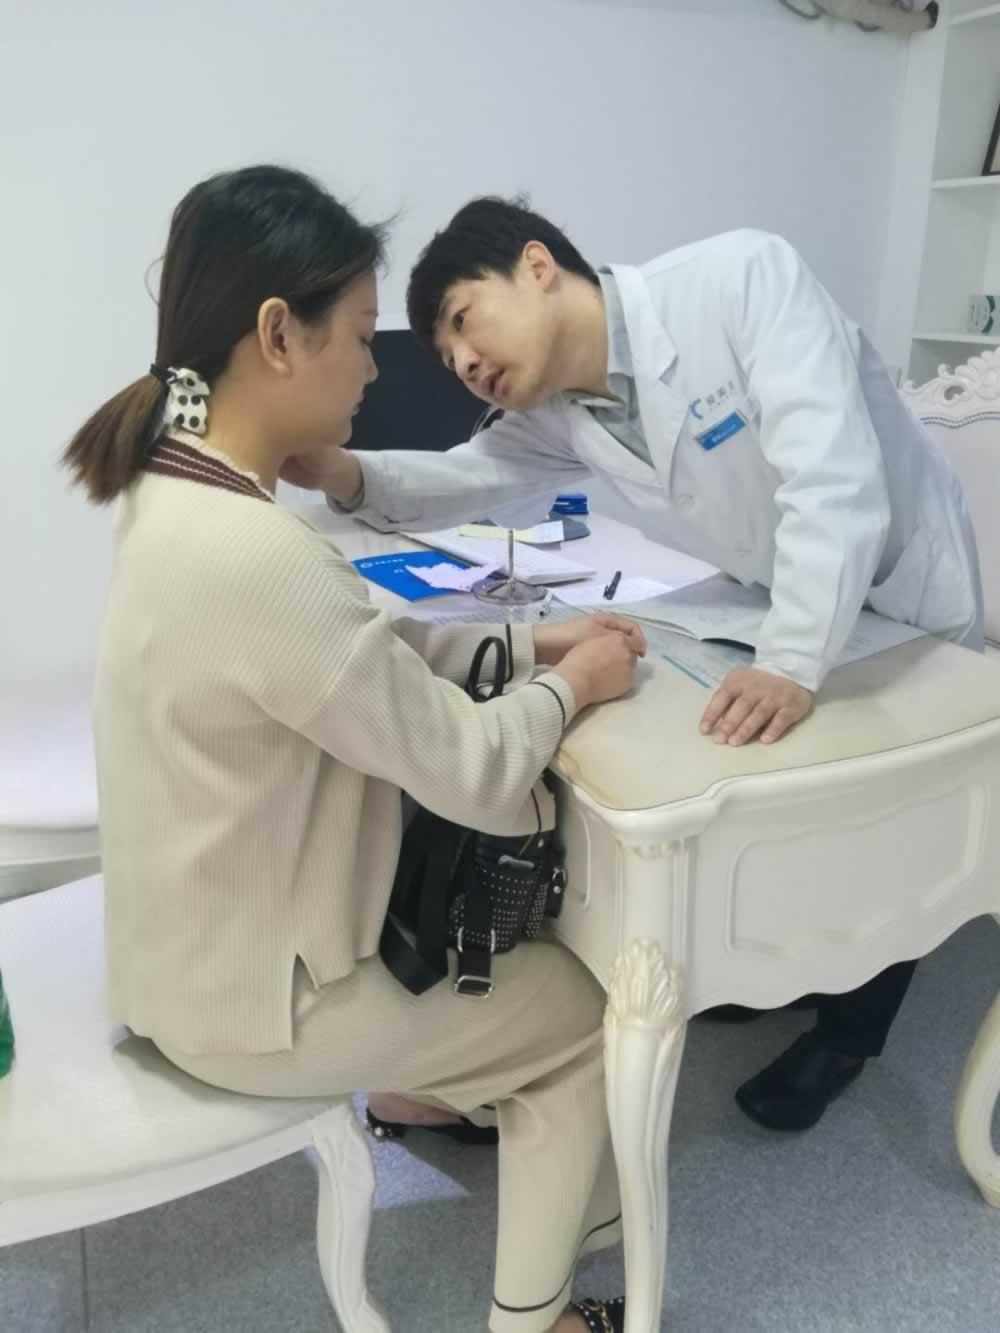 武汉洪山爱美汇门诊部给我做的面部吸脂瘦脸真的是立竿见影,现在脸上的肉真的没了。